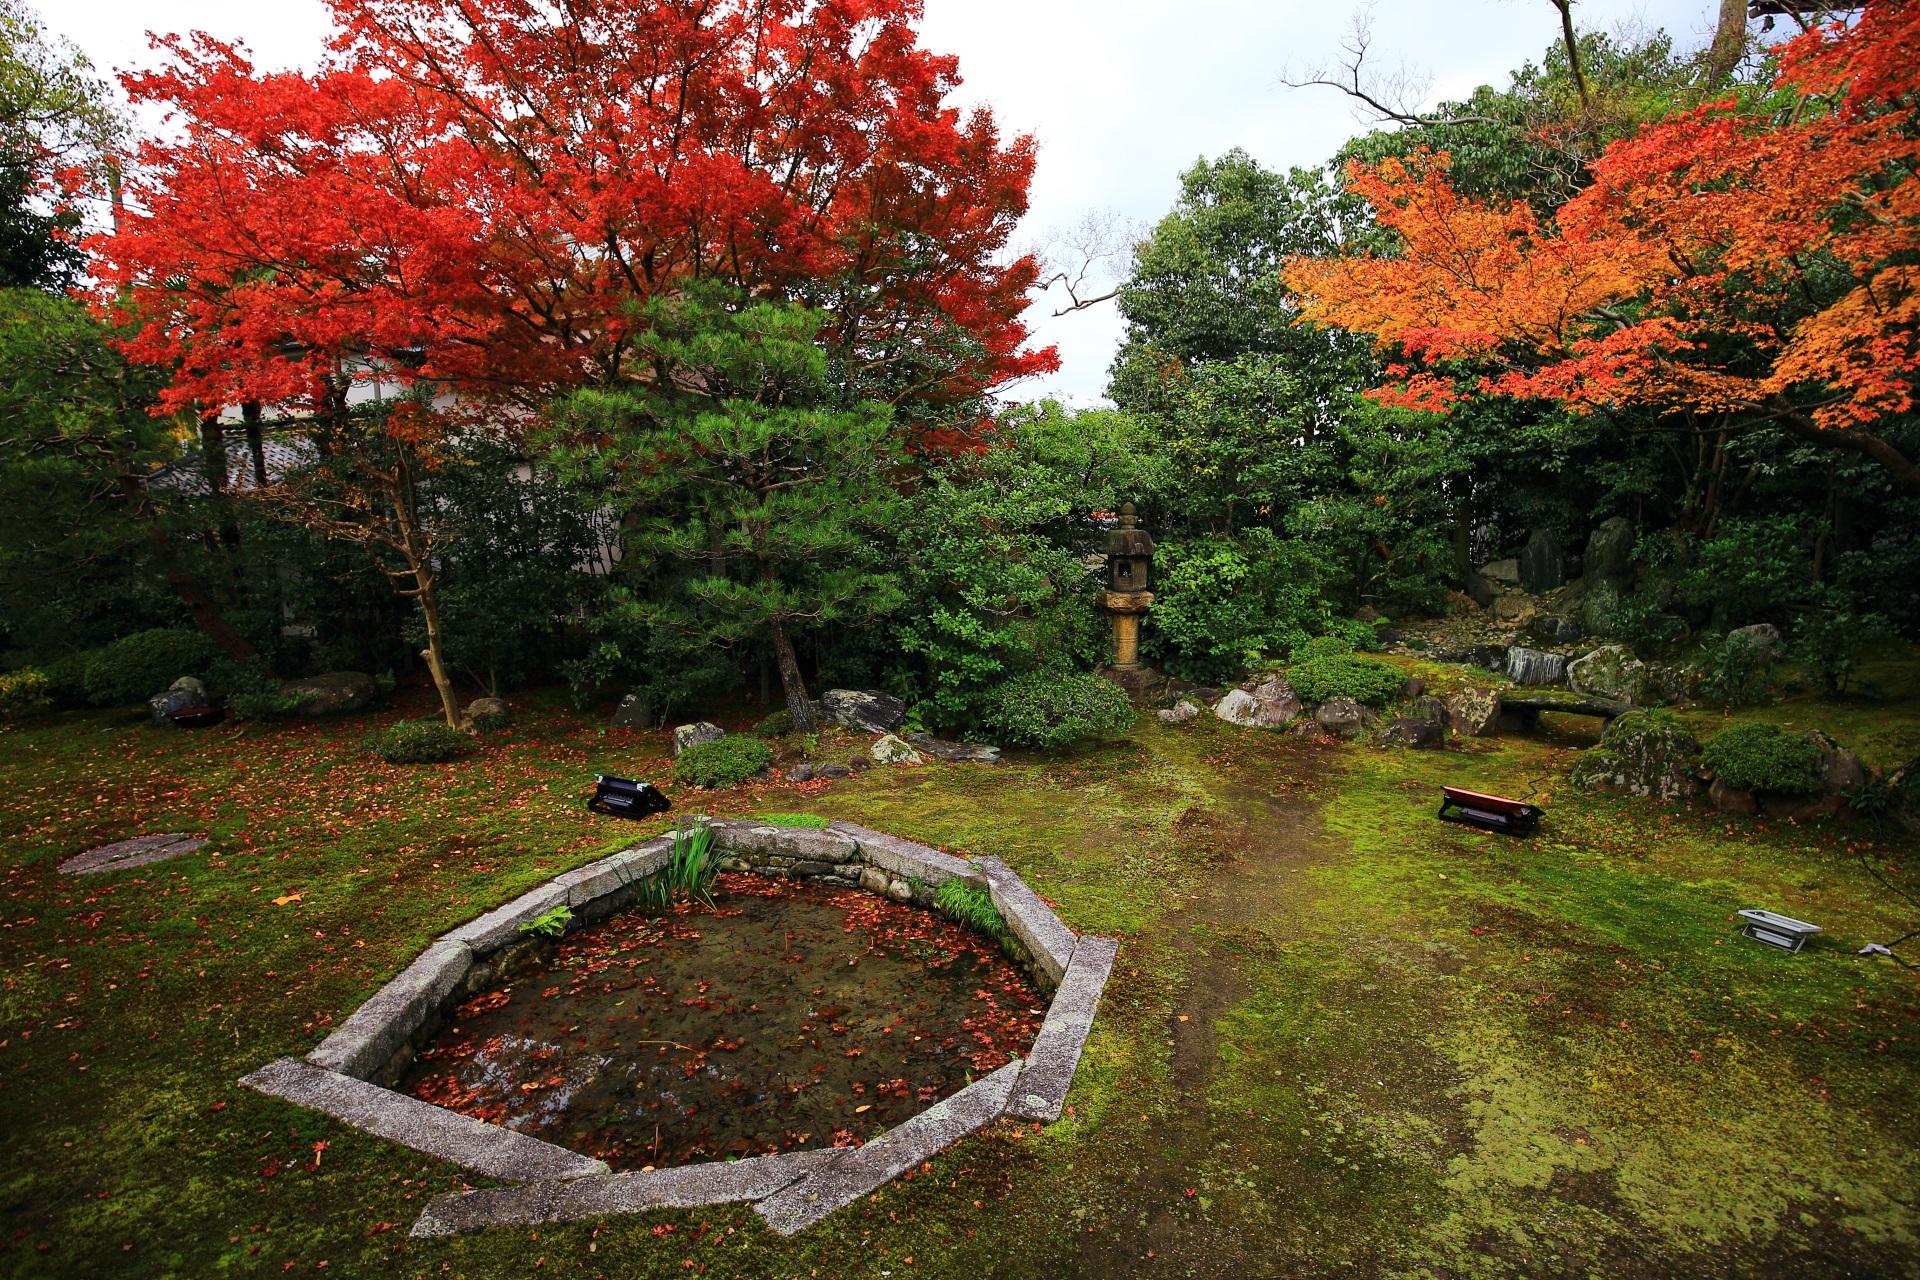 本法寺の多種多様な深い緑や岩に映える華やかな紅葉